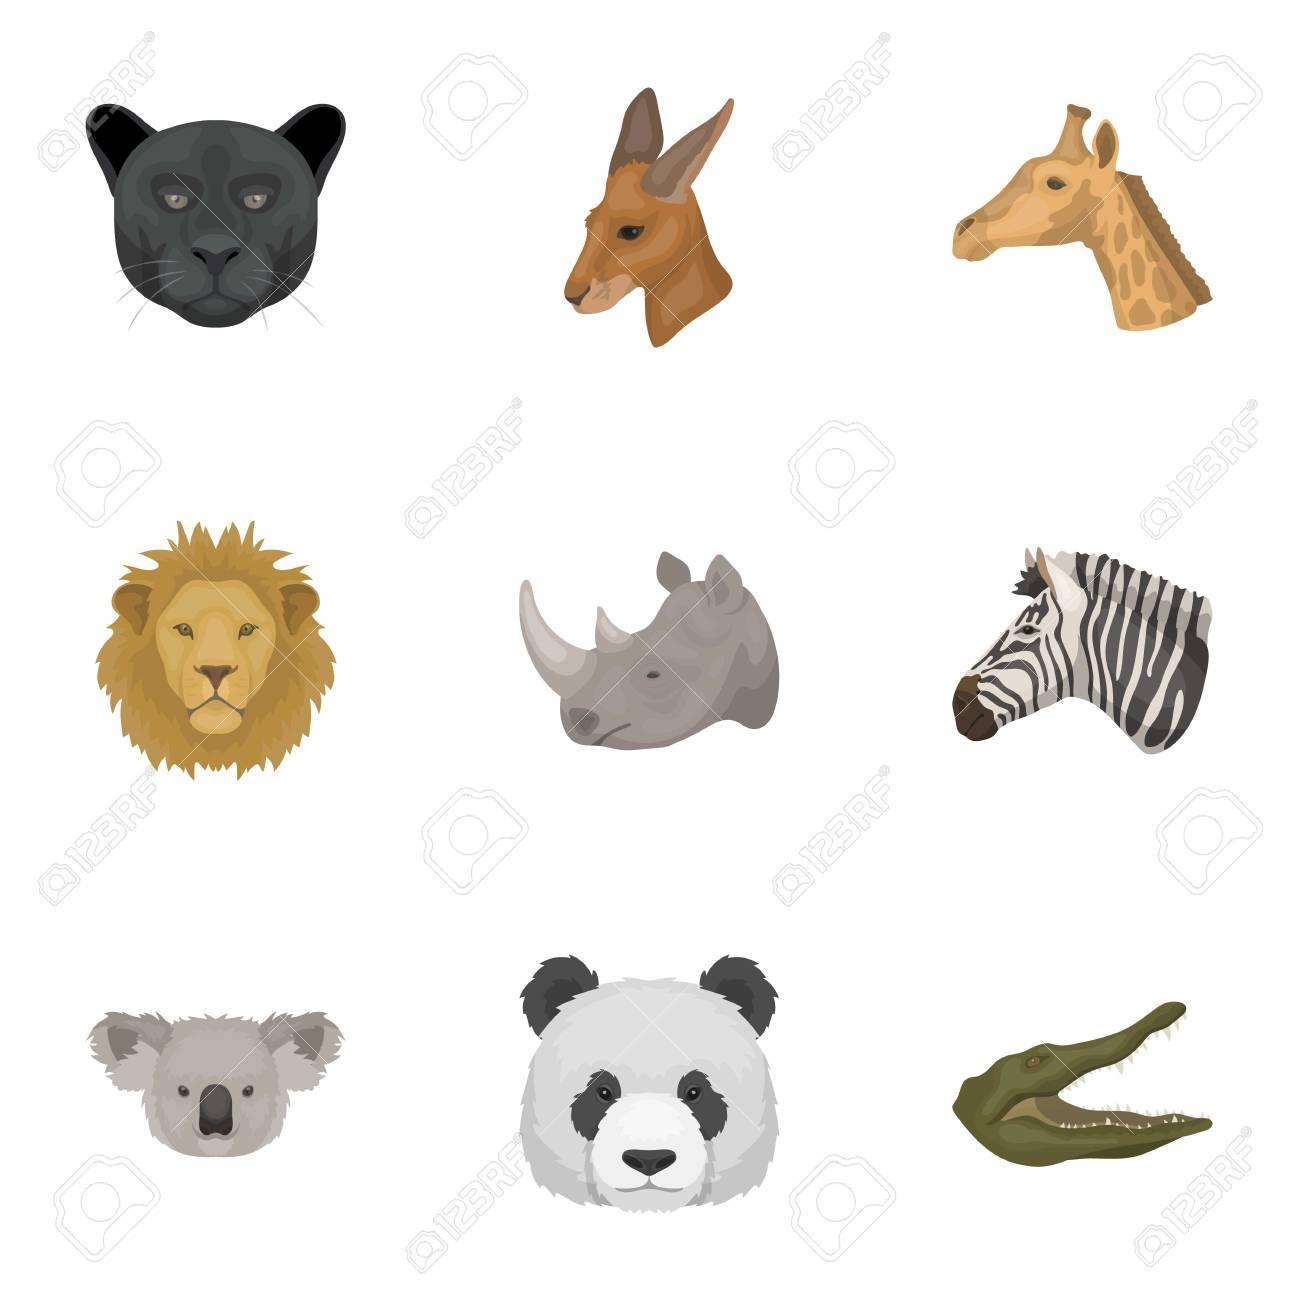 野生動物のアイコンのセット。略奪と穏やかな野生動物。リアルな動物